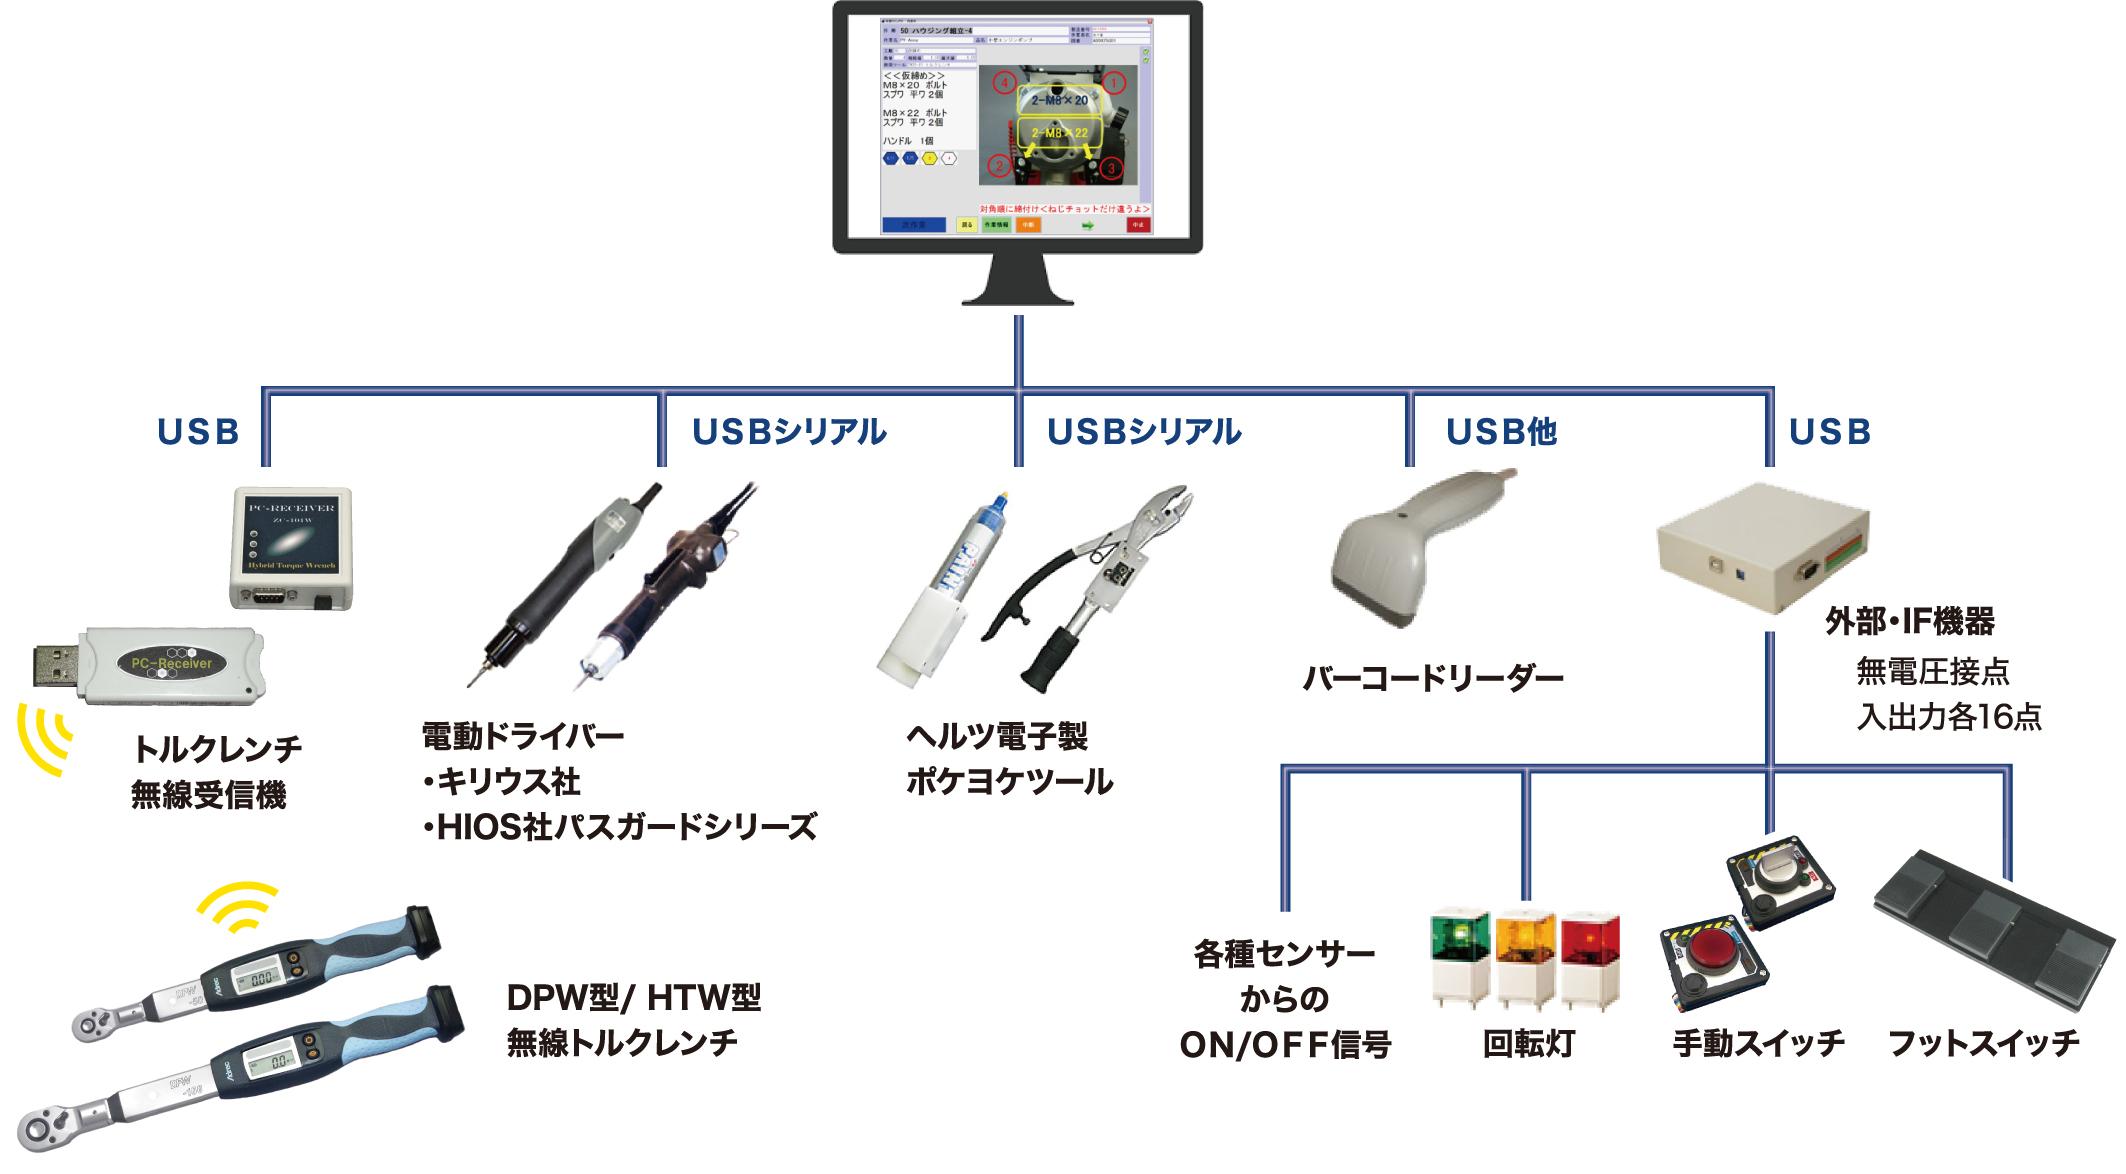 多様な製品と連携